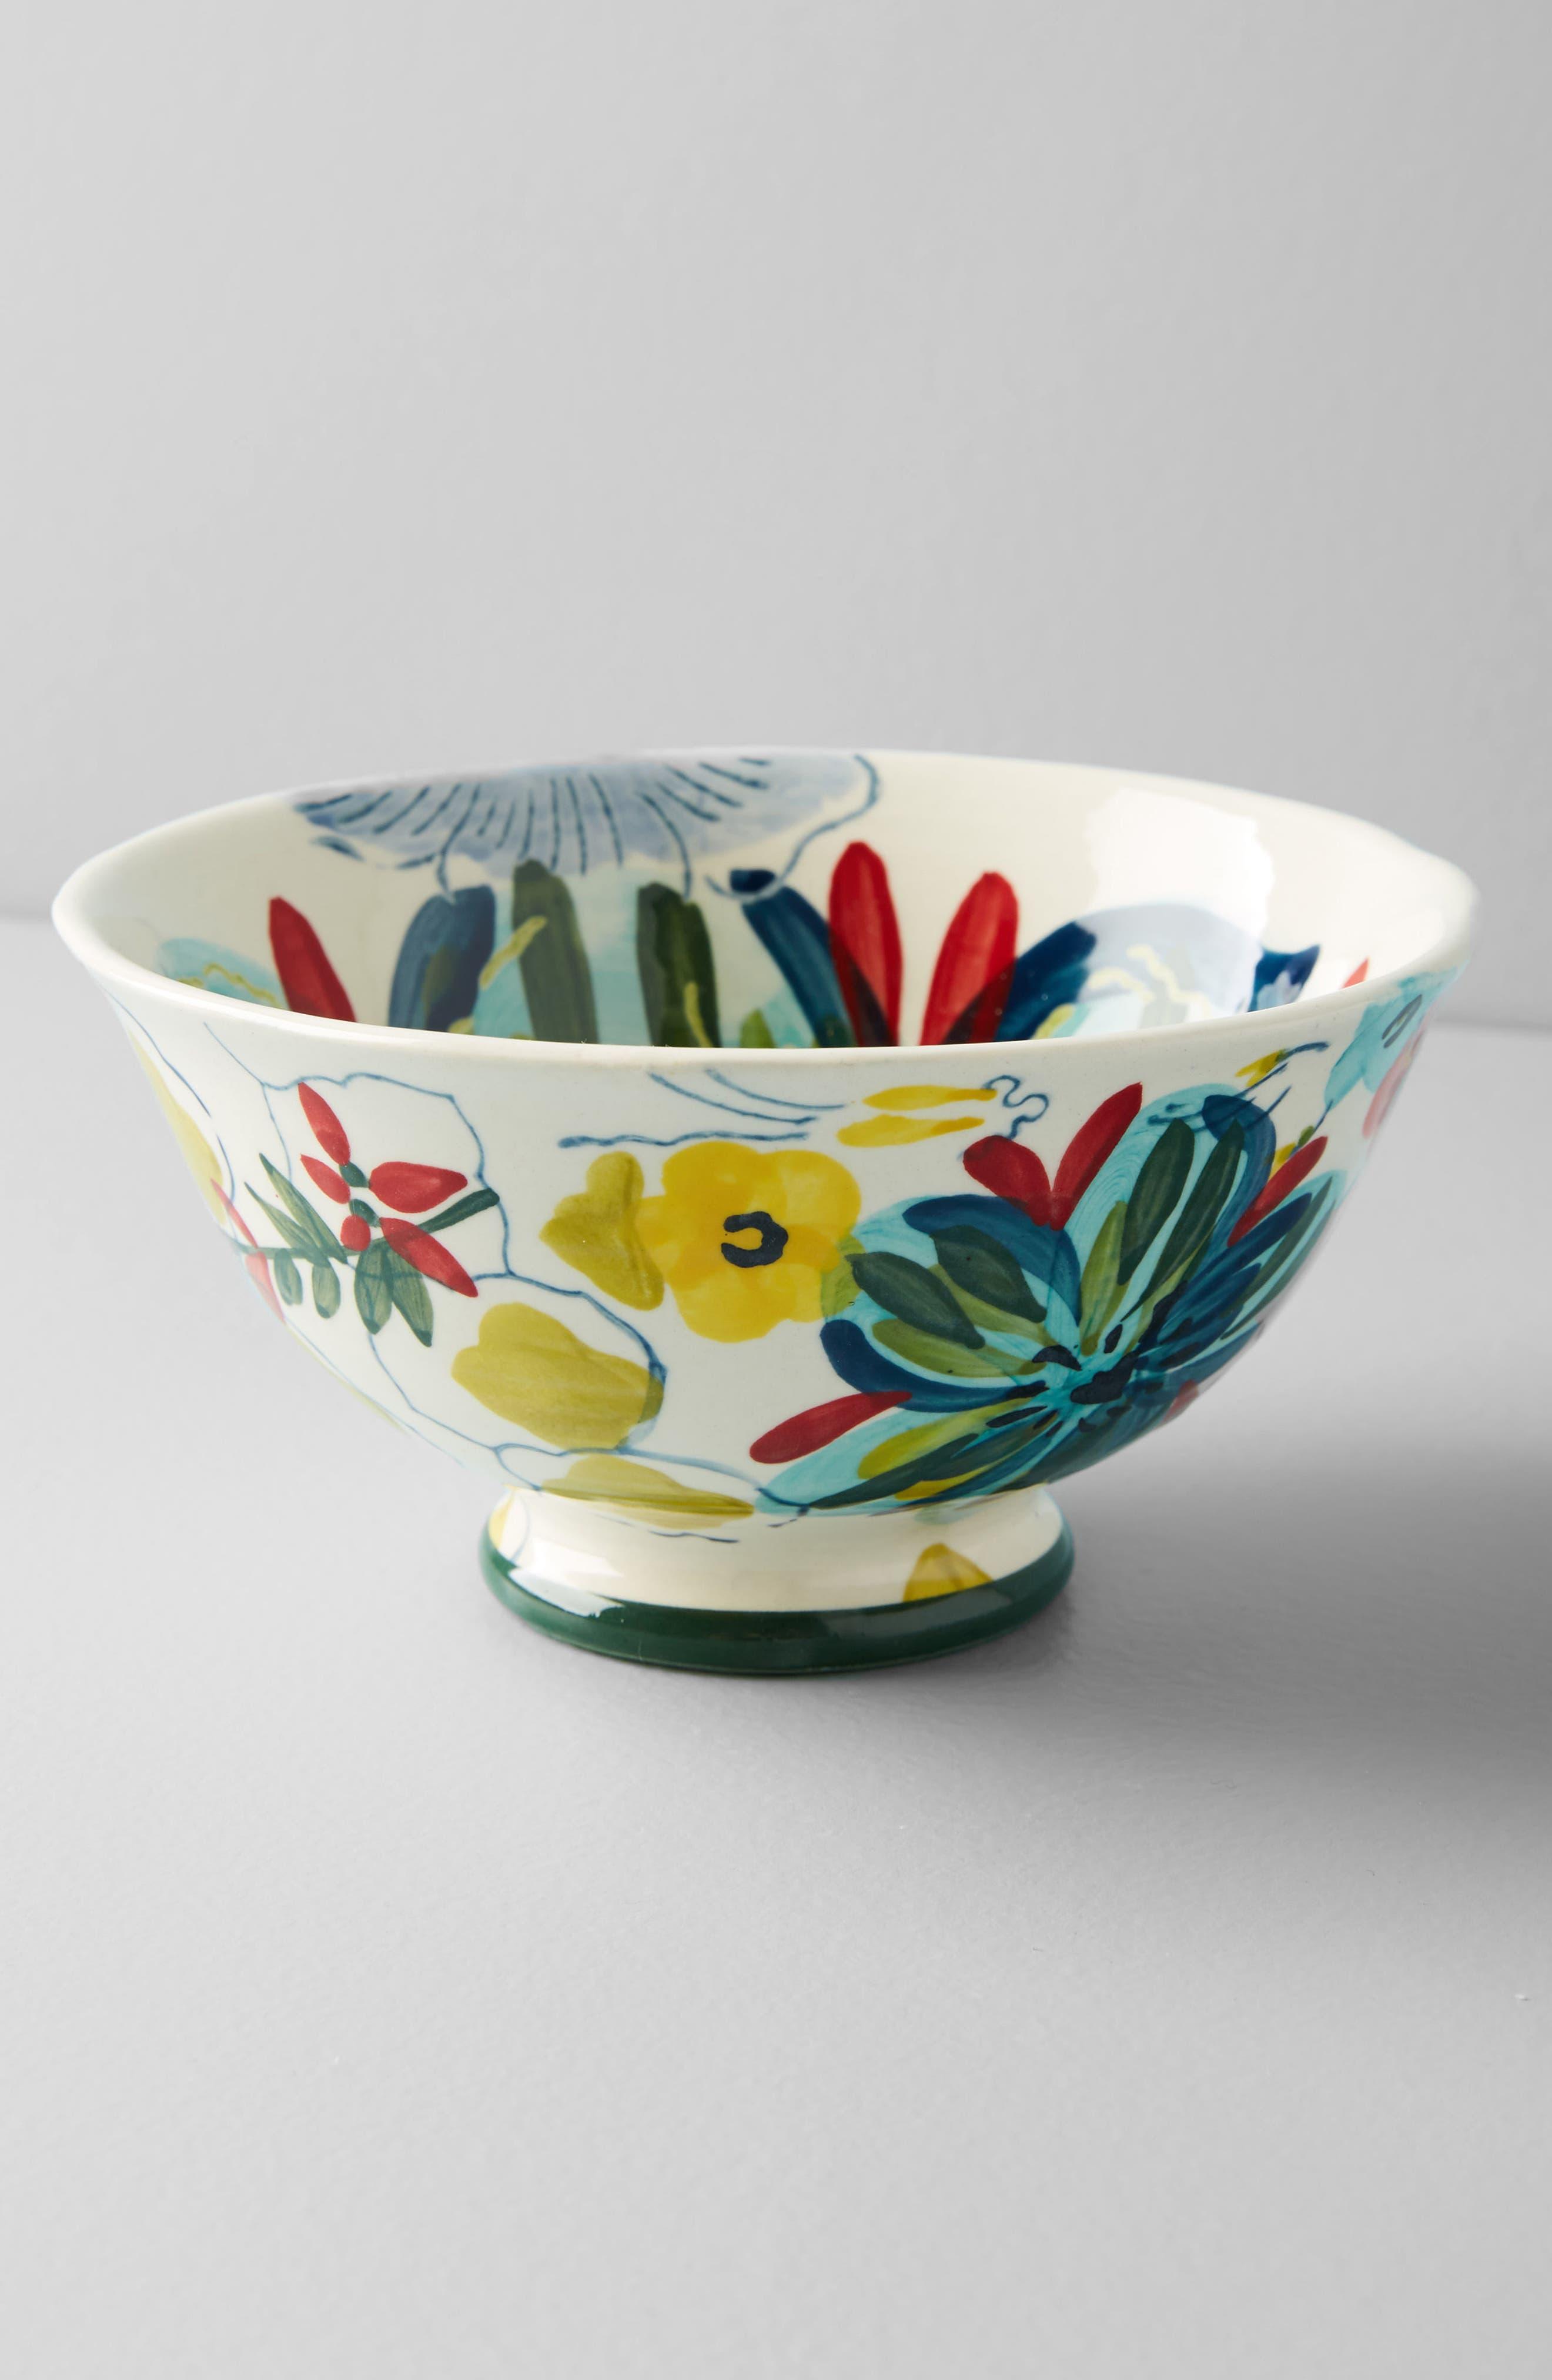 Sissinghurst Castle Stoneware Cereal Bowl,                             Alternate thumbnail 3, color,                             Navy Multi